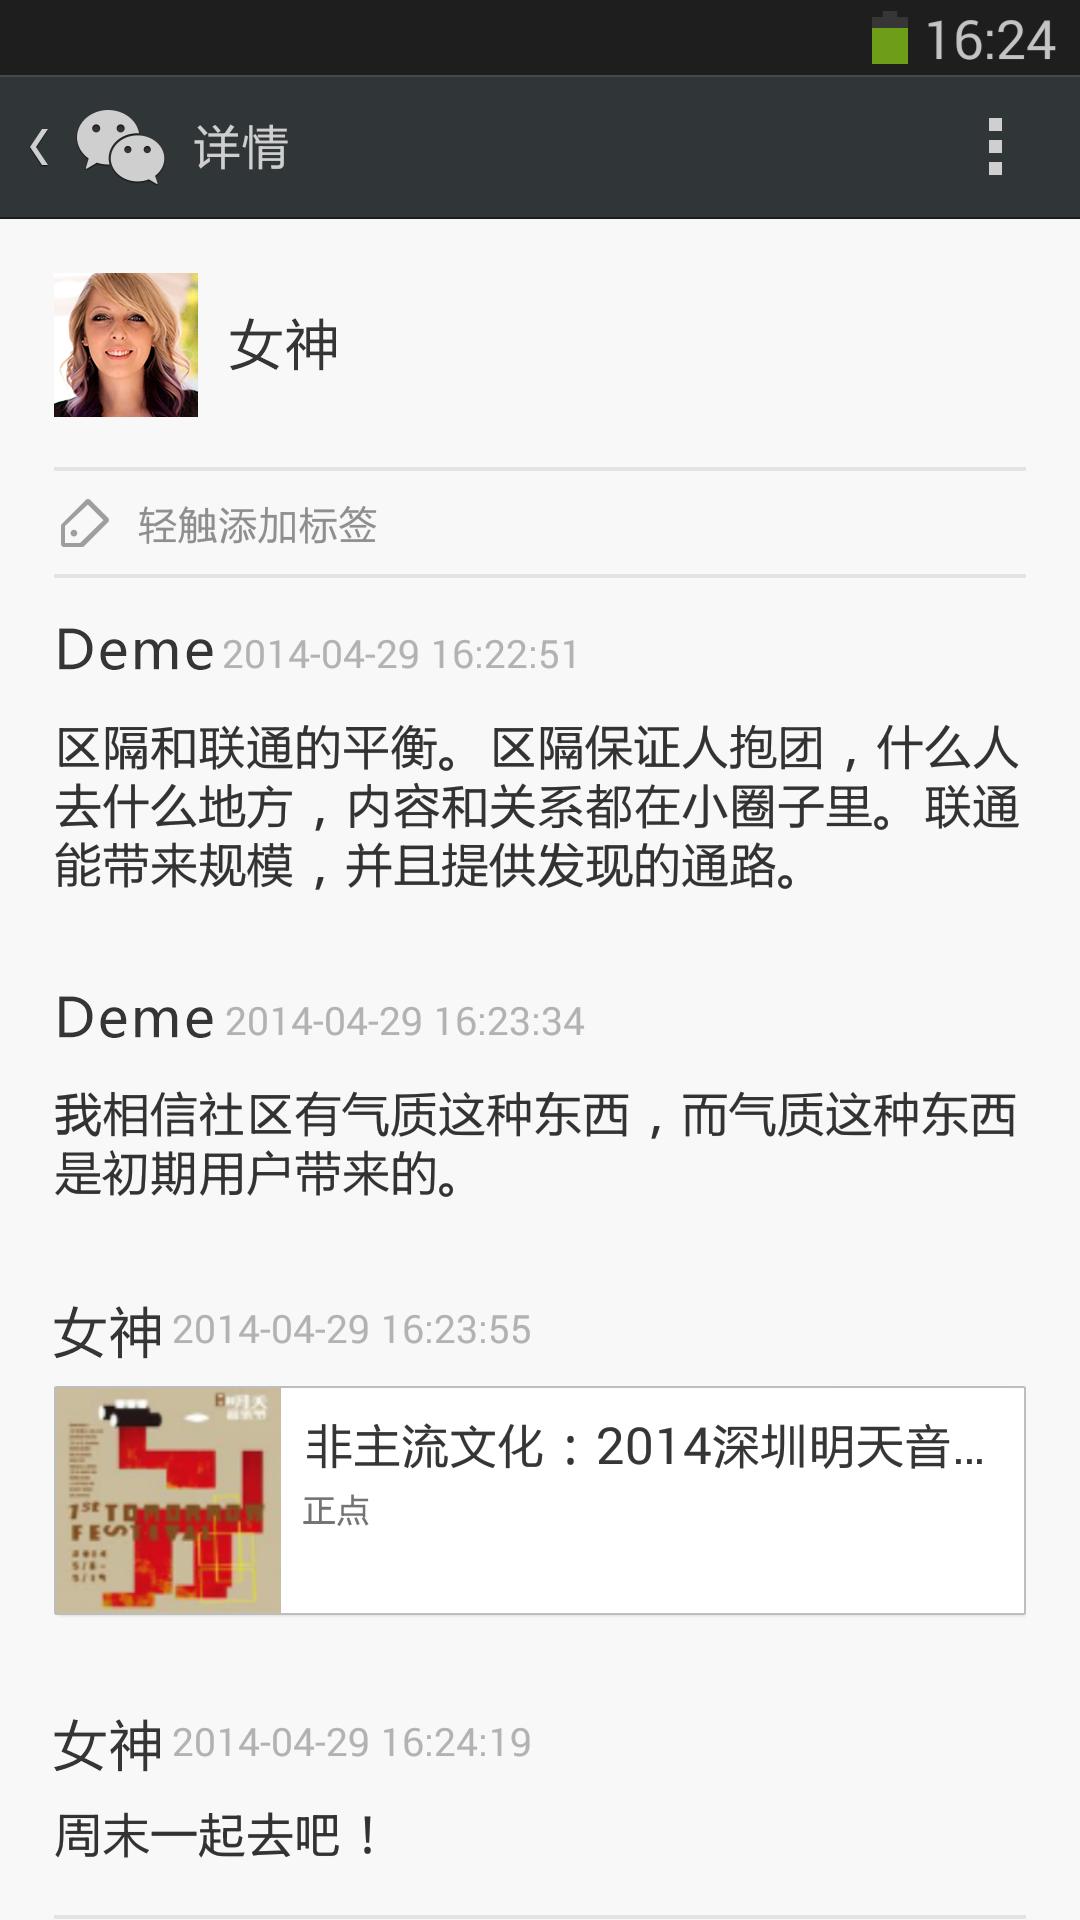 微信下载免费最新版